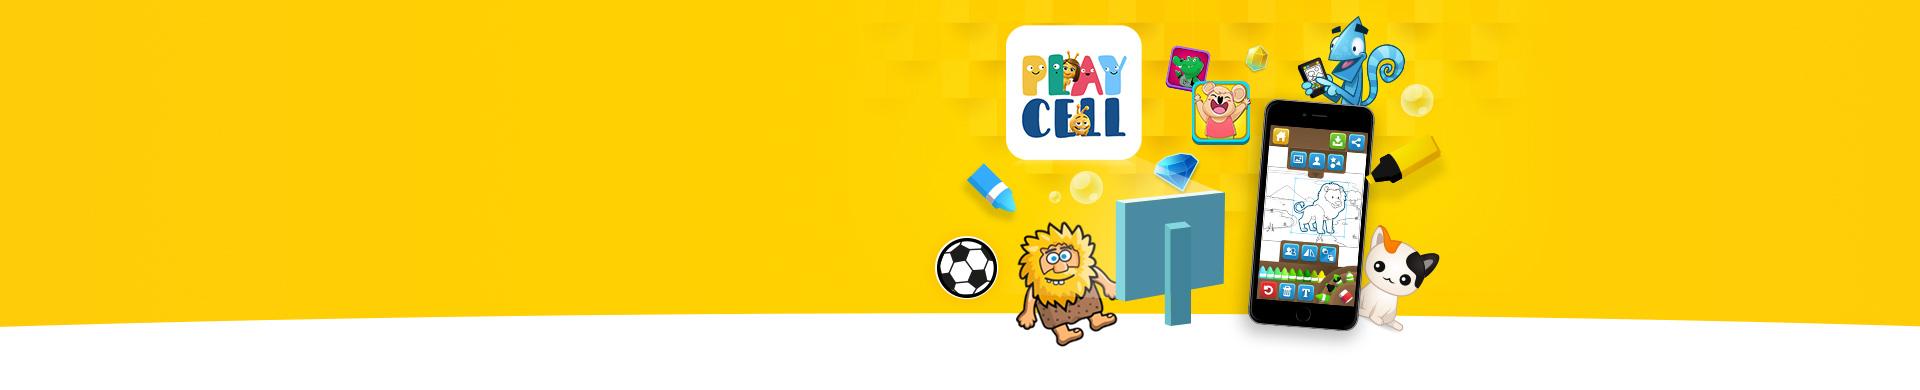 Playcell'in Eğlence Dünyası En yeni en eğlenceli yüzlerce oyun seni bekliyor! Boyama Zamanı, Adem ile Havva, Sudoku, Penaltı Atışları  ve daha fazlası Playcell'de!